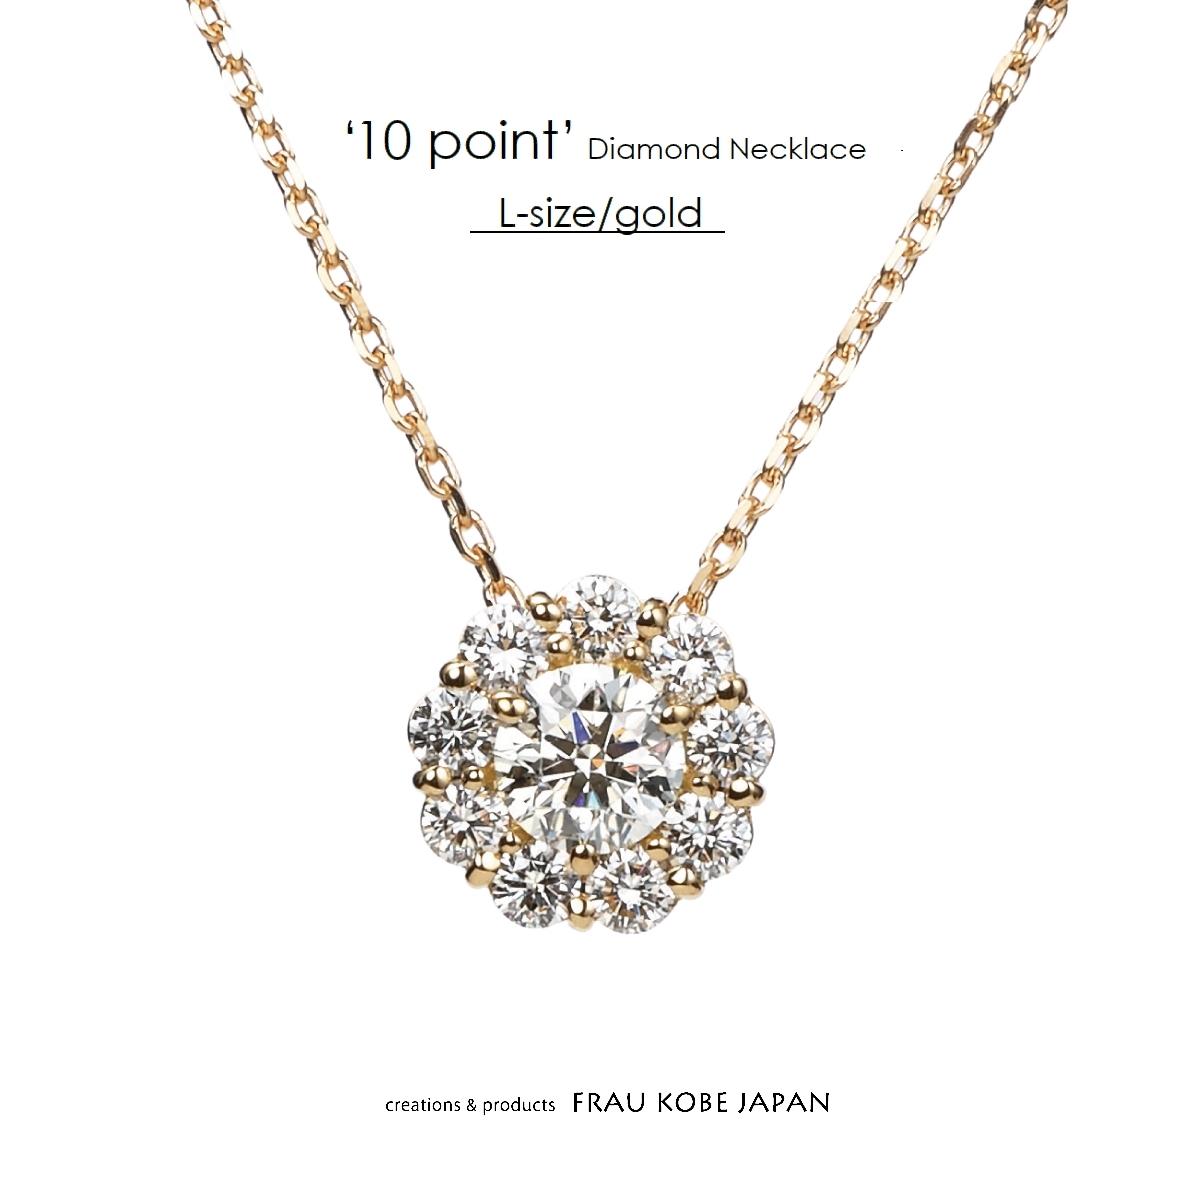 f:id:takamatsu-frau-kobe:20200105122022j:plain